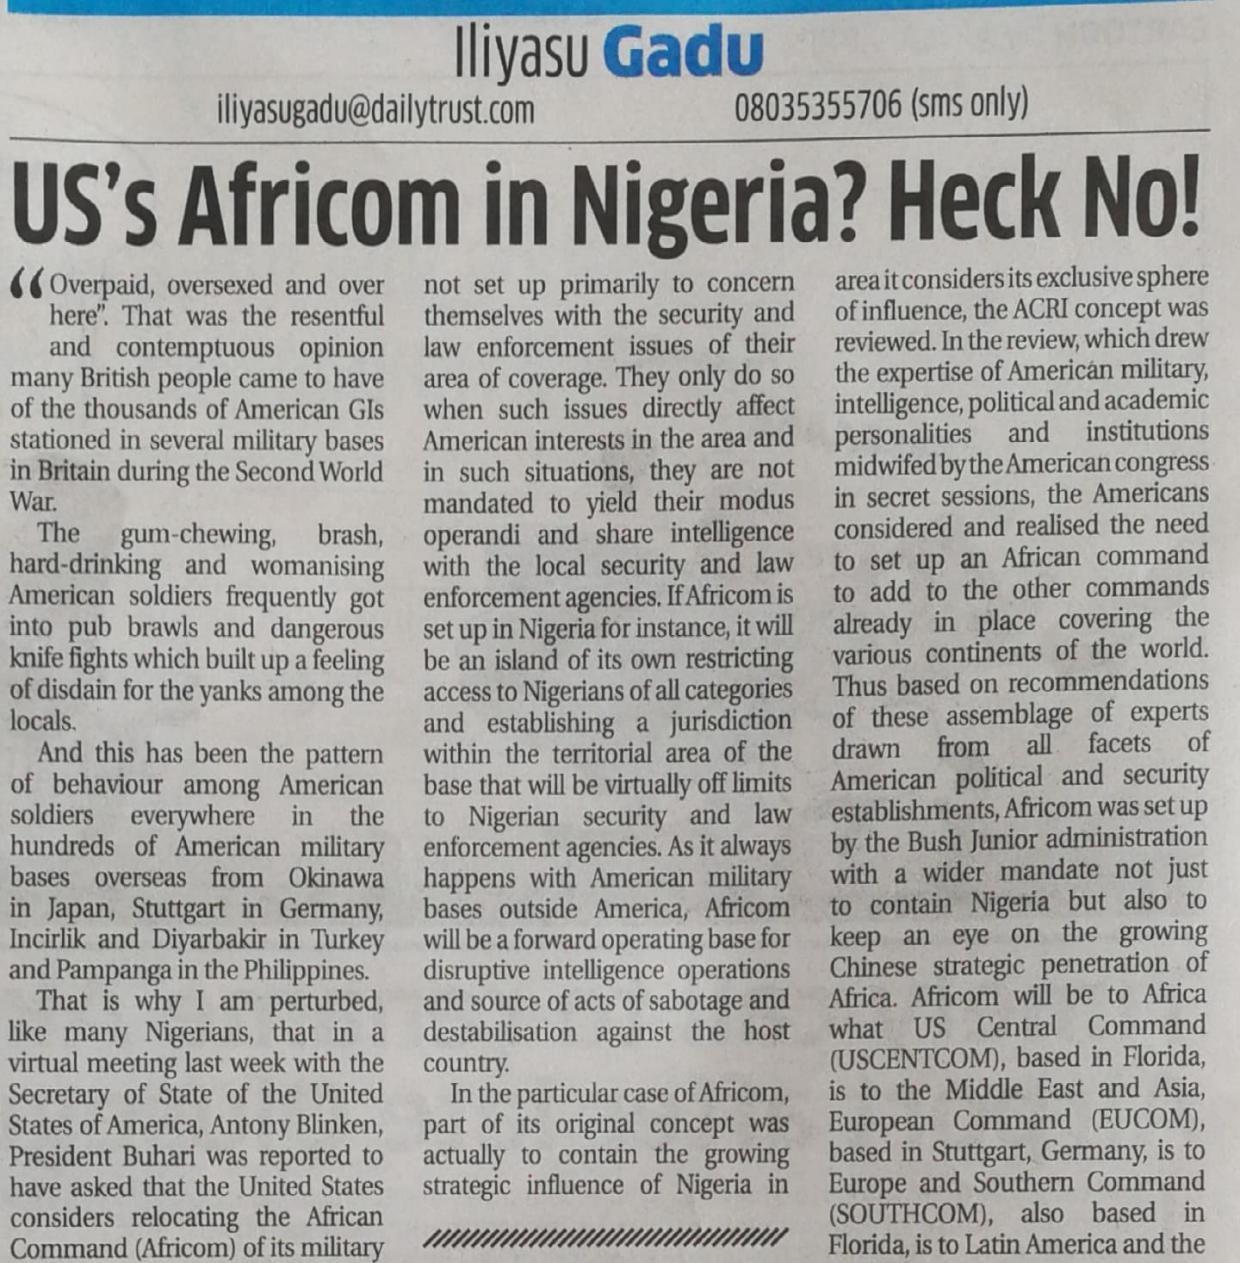 非洲观察丨邀请美军非洲司令部迁址非洲恐无异于引狼入室